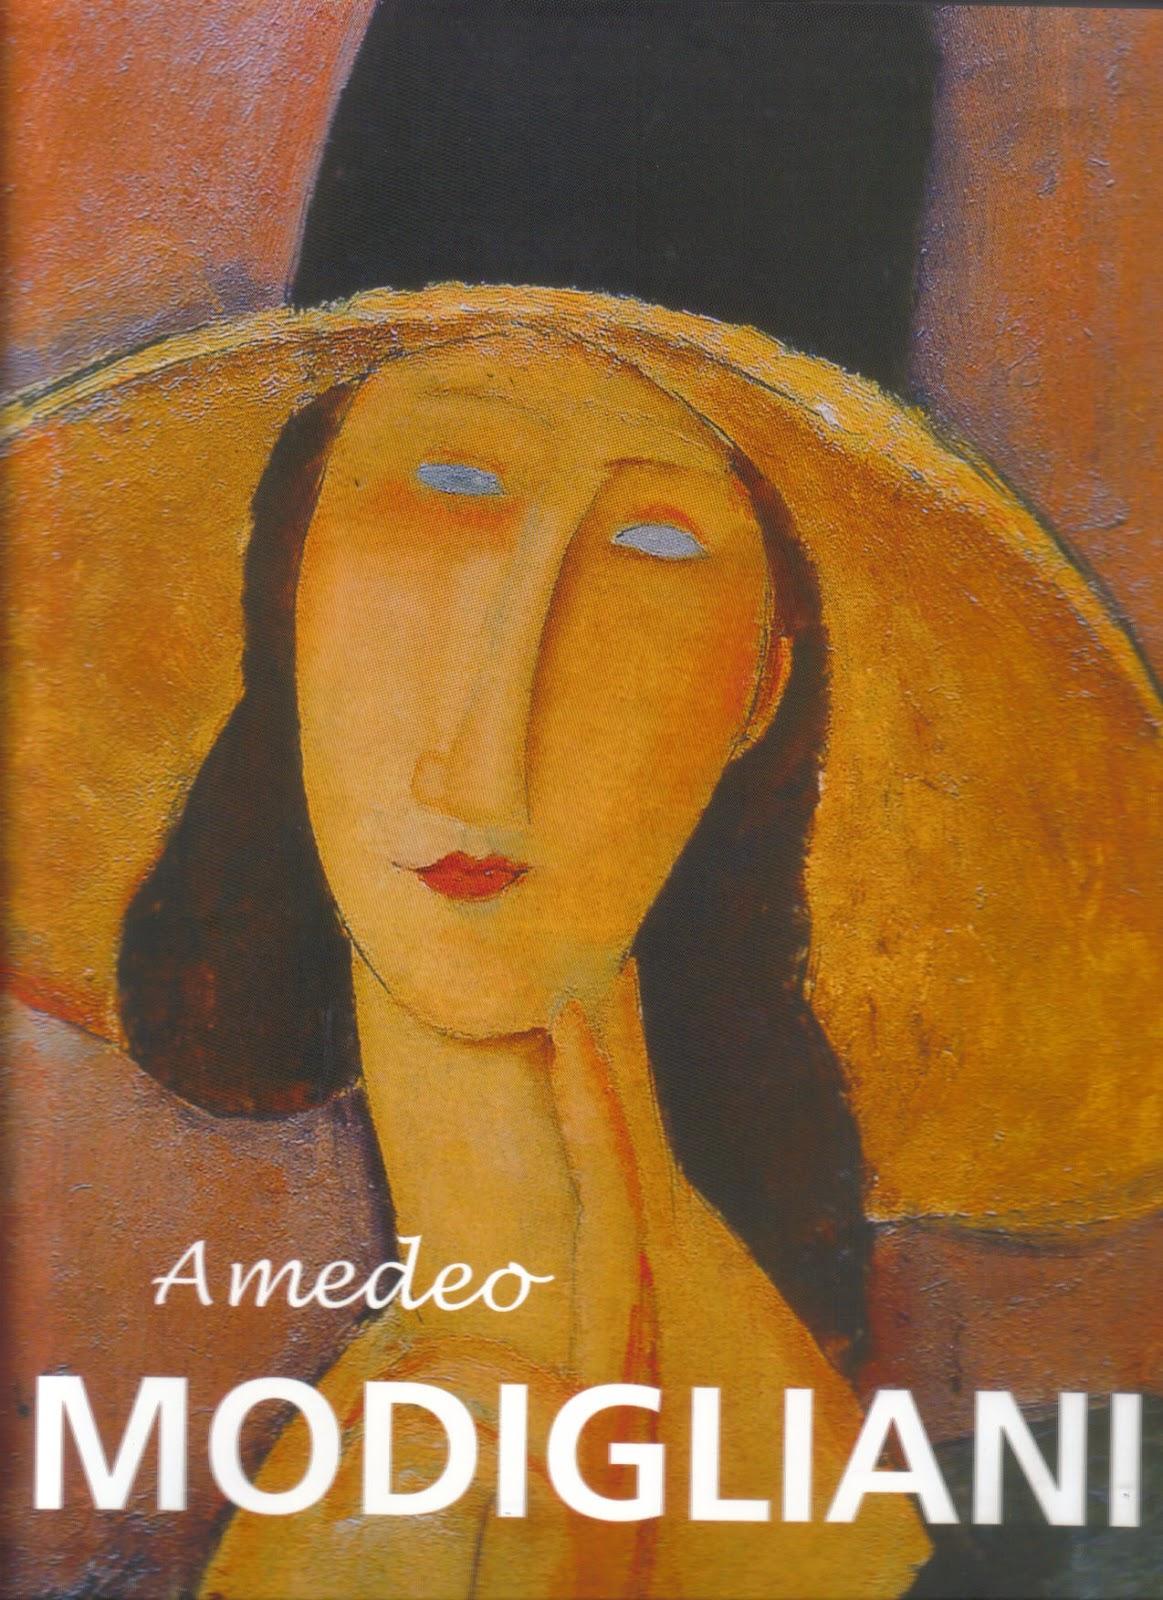 http://4.bp.blogspot.com/-TWyIgNgAMtE/UDqaq_TBbrI/AAAAAAAAArk/Wbh4oj4YA_M/s1600/Modigliani+Book.jpg